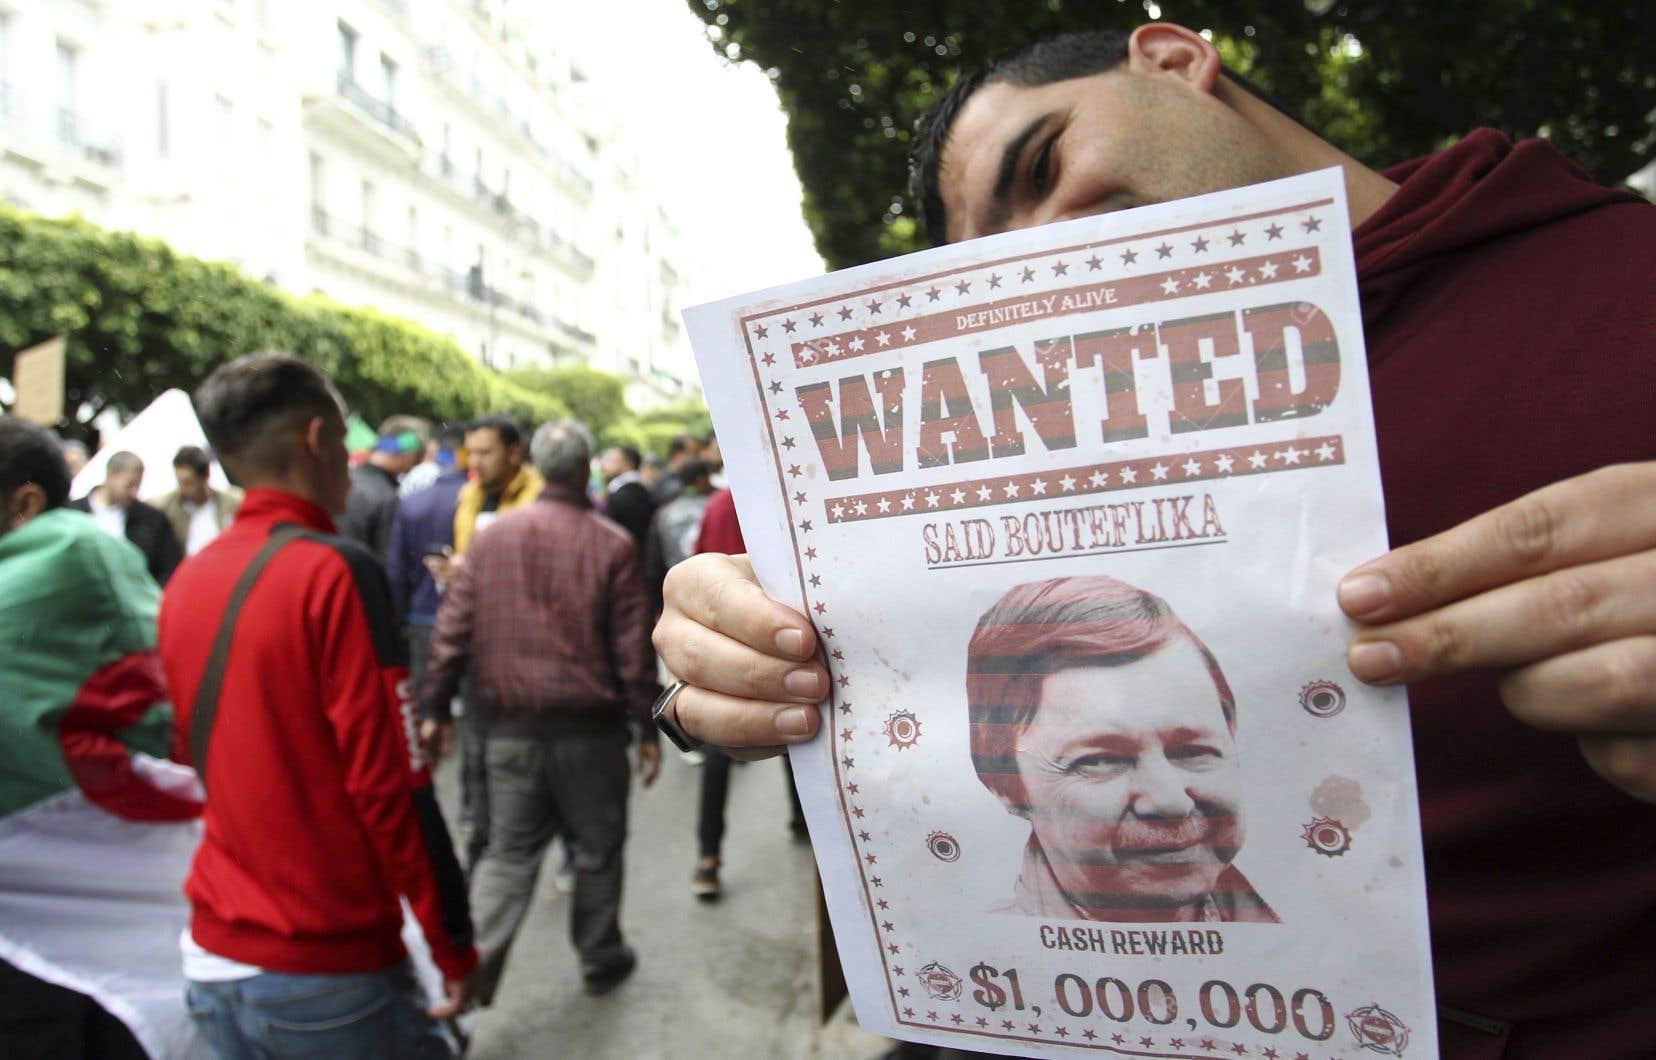 Saïd Bouteflika, le frère de l'ancien président algérien, ainsi que deux anciens hauts responsables du renseignement ont été placés en détention provisoire dimanche.